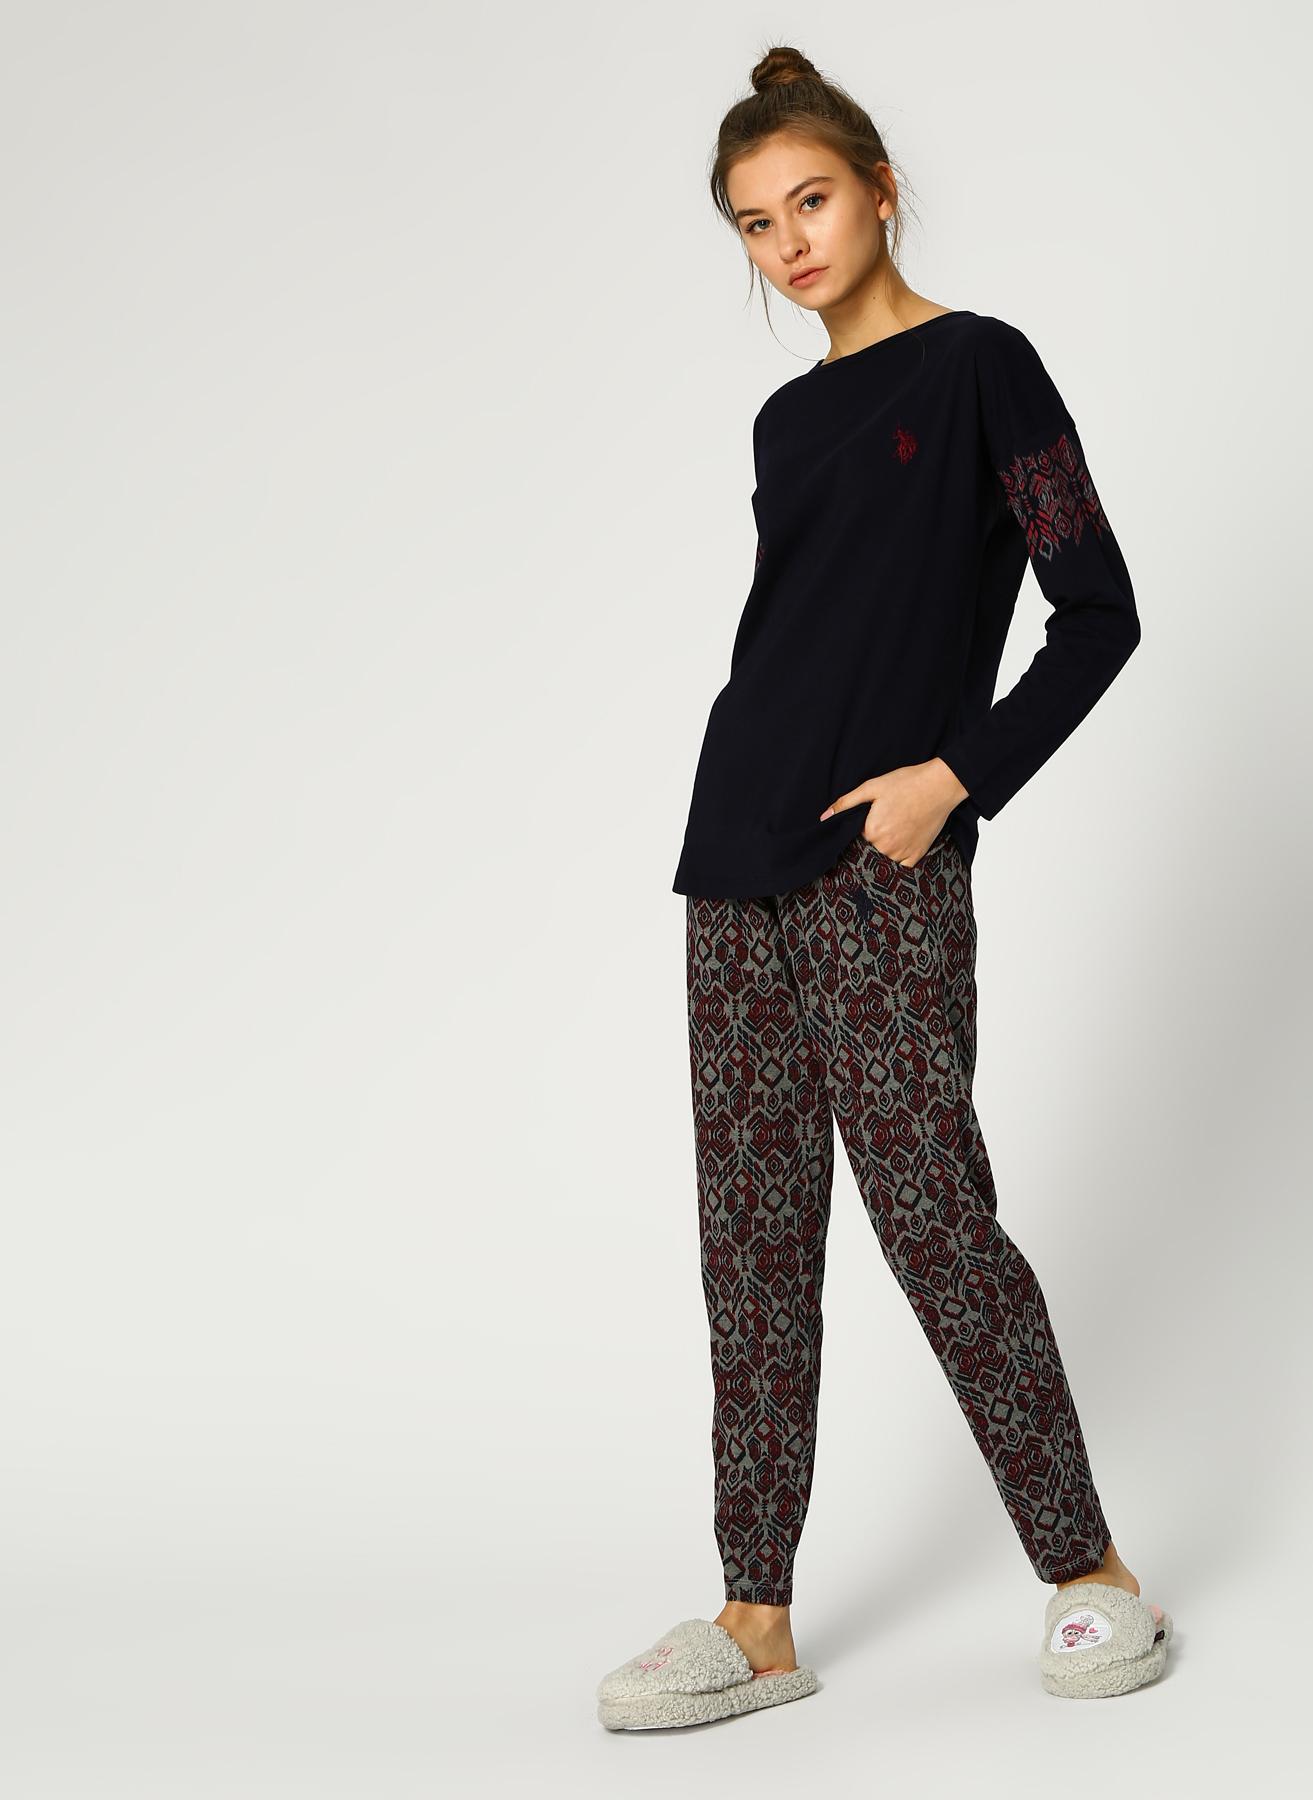 U.S. Polo Assn. Etnik Desenli Lacivert-Kırmızı Pijama Takımı M 5001947077003 Ürün Resmi